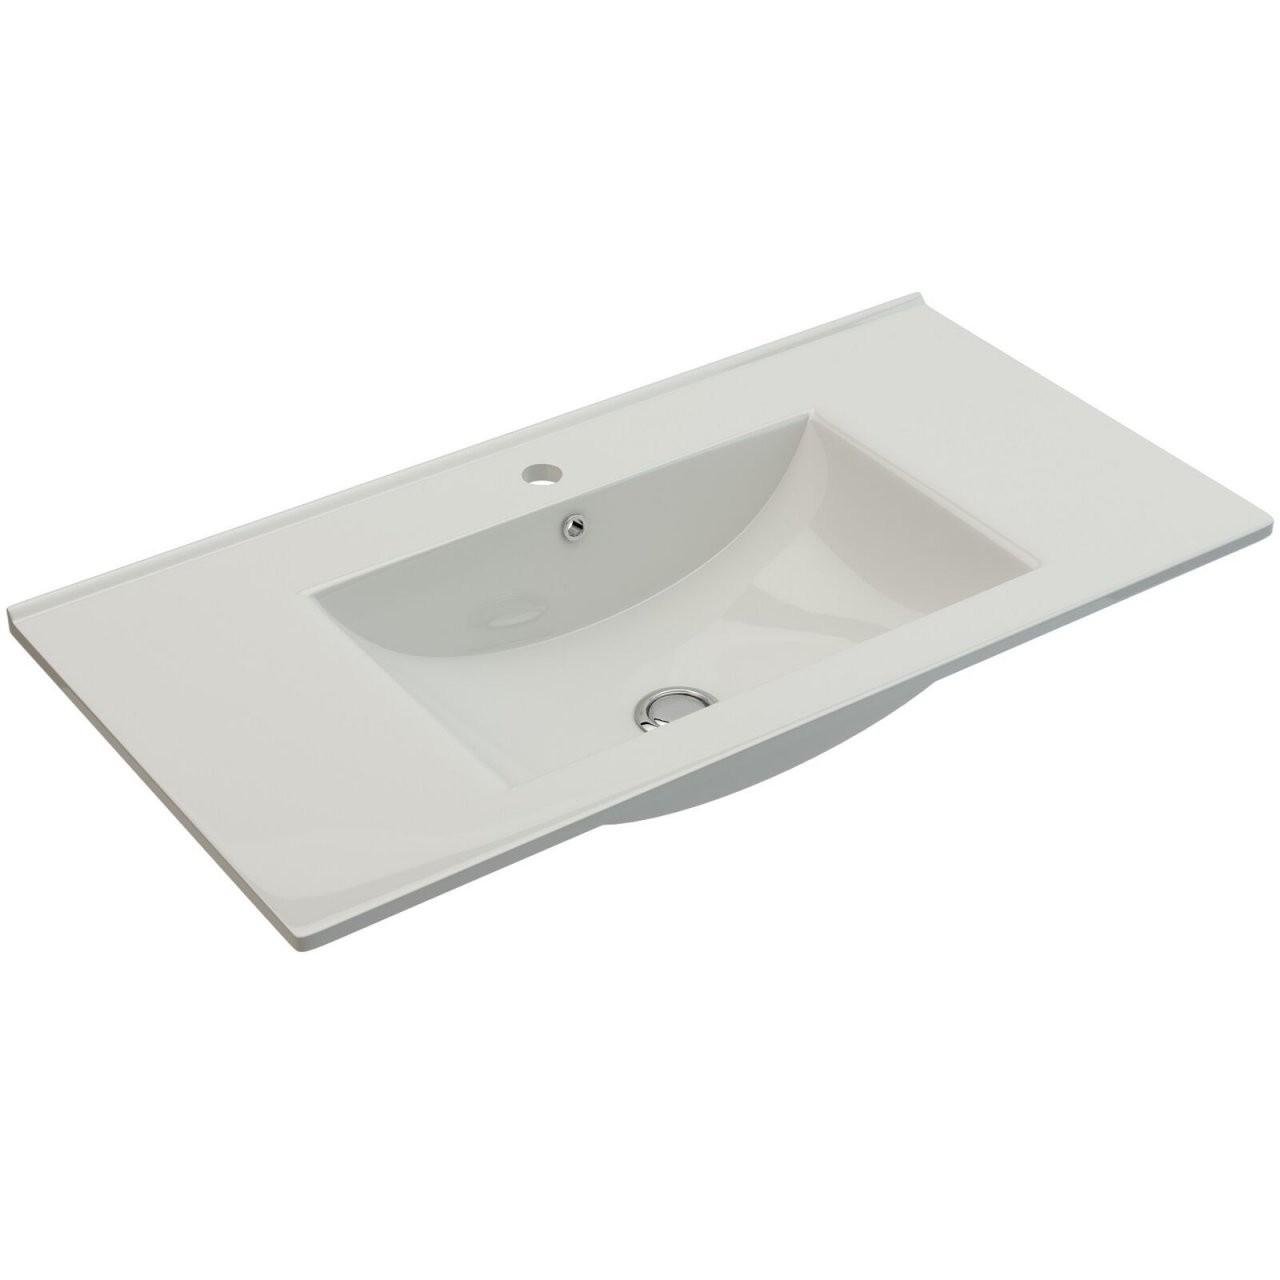 Badezimmermöbel Waschbecken Unterschrank 90Cm Waschtisch Beige von Waschbecken Beige Mit Unterschrank Photo